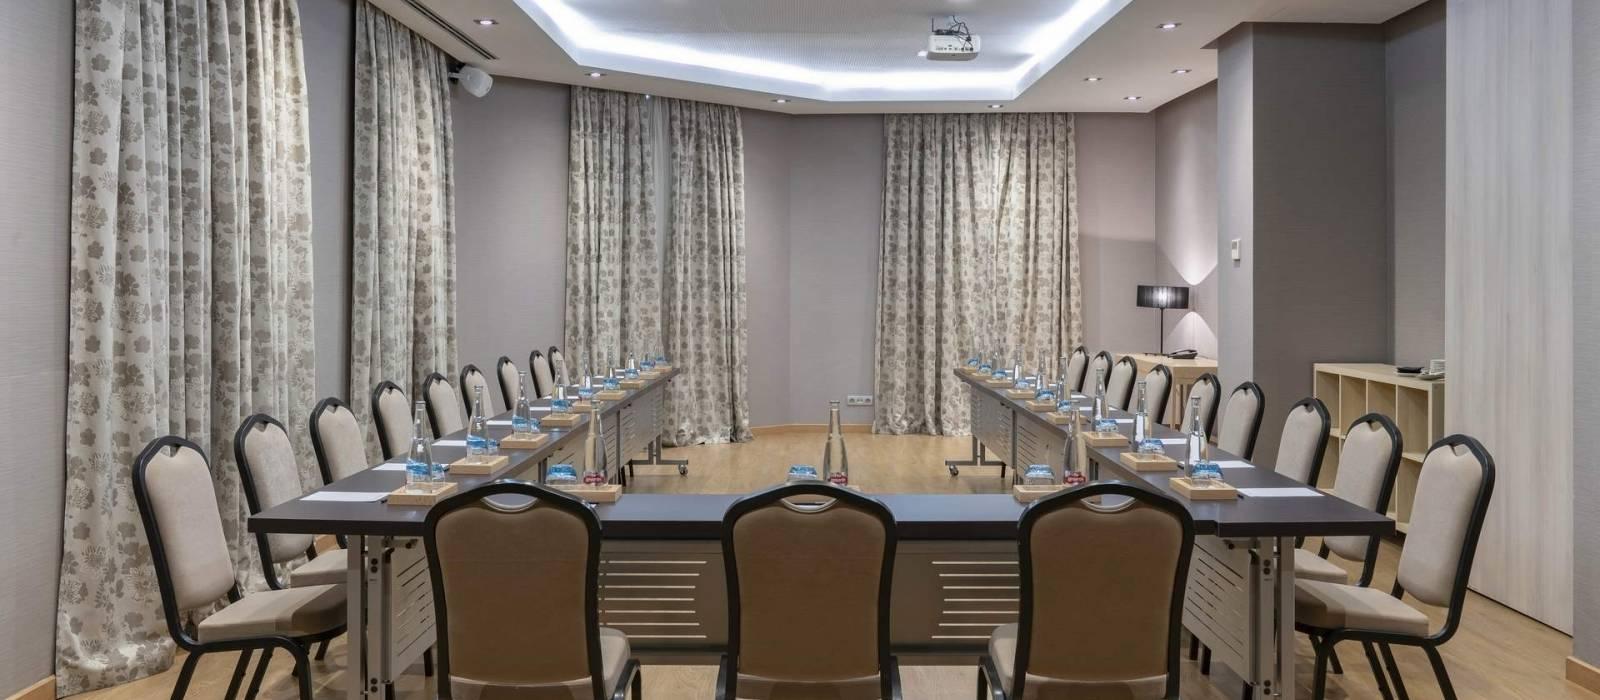 Vergaderingen en evenementen - Vincci Selección Posada del Patio